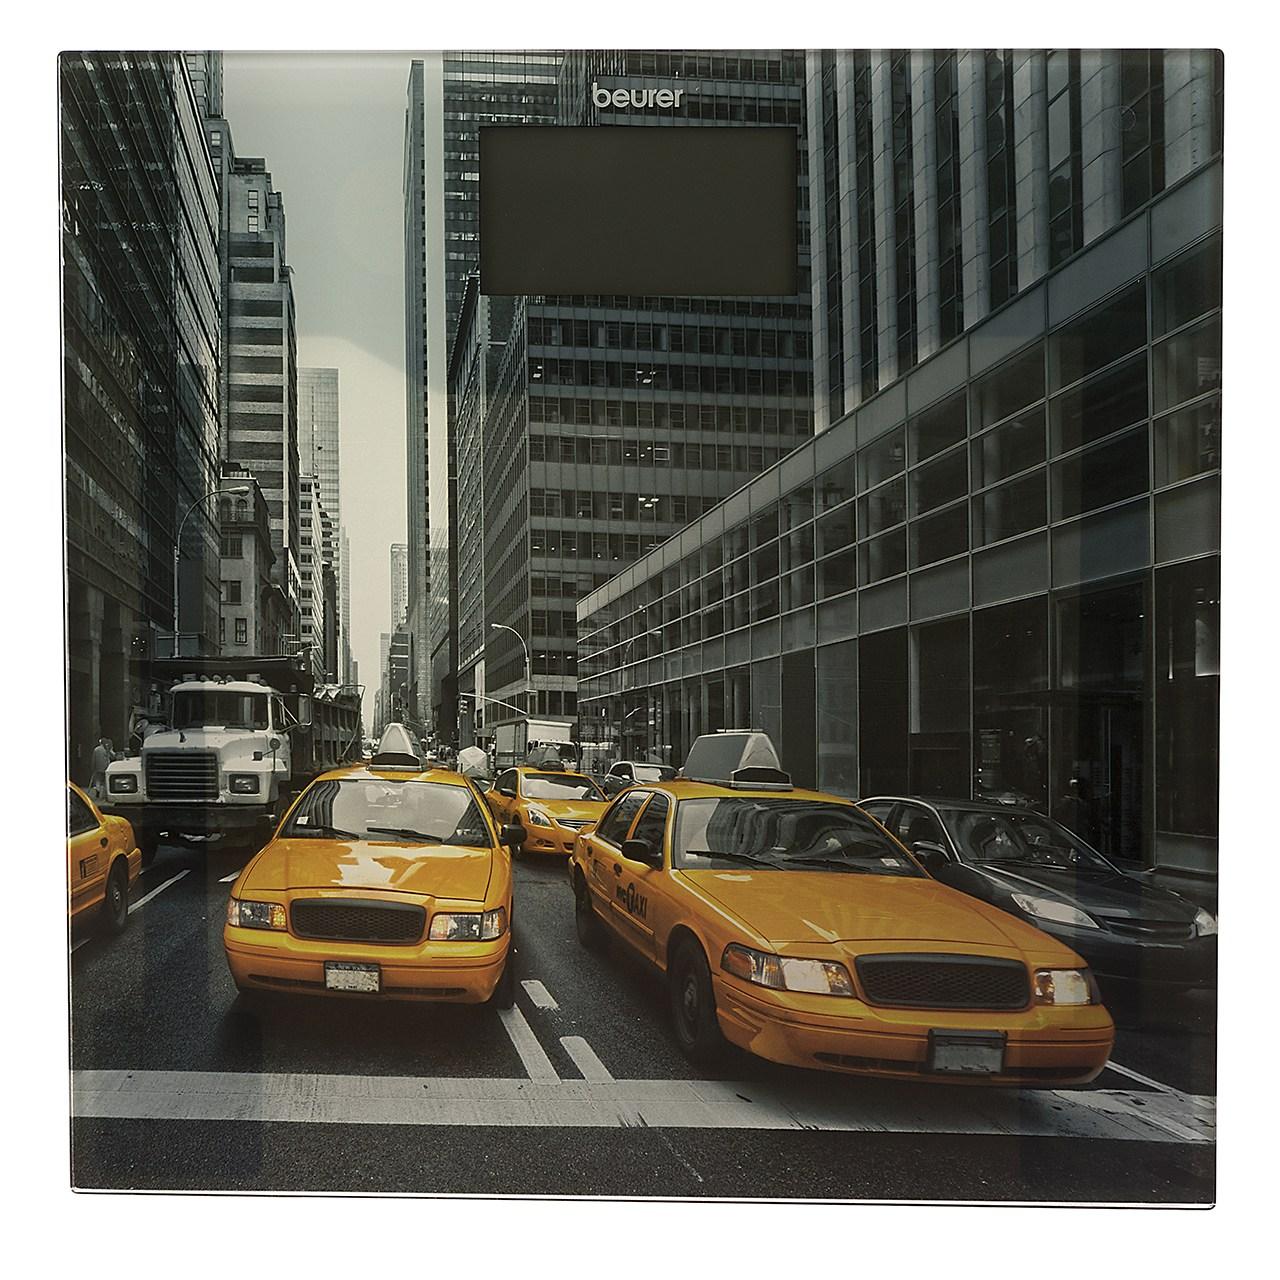 خرید ترازو دیجیتال بیورر مدل GS203 New York